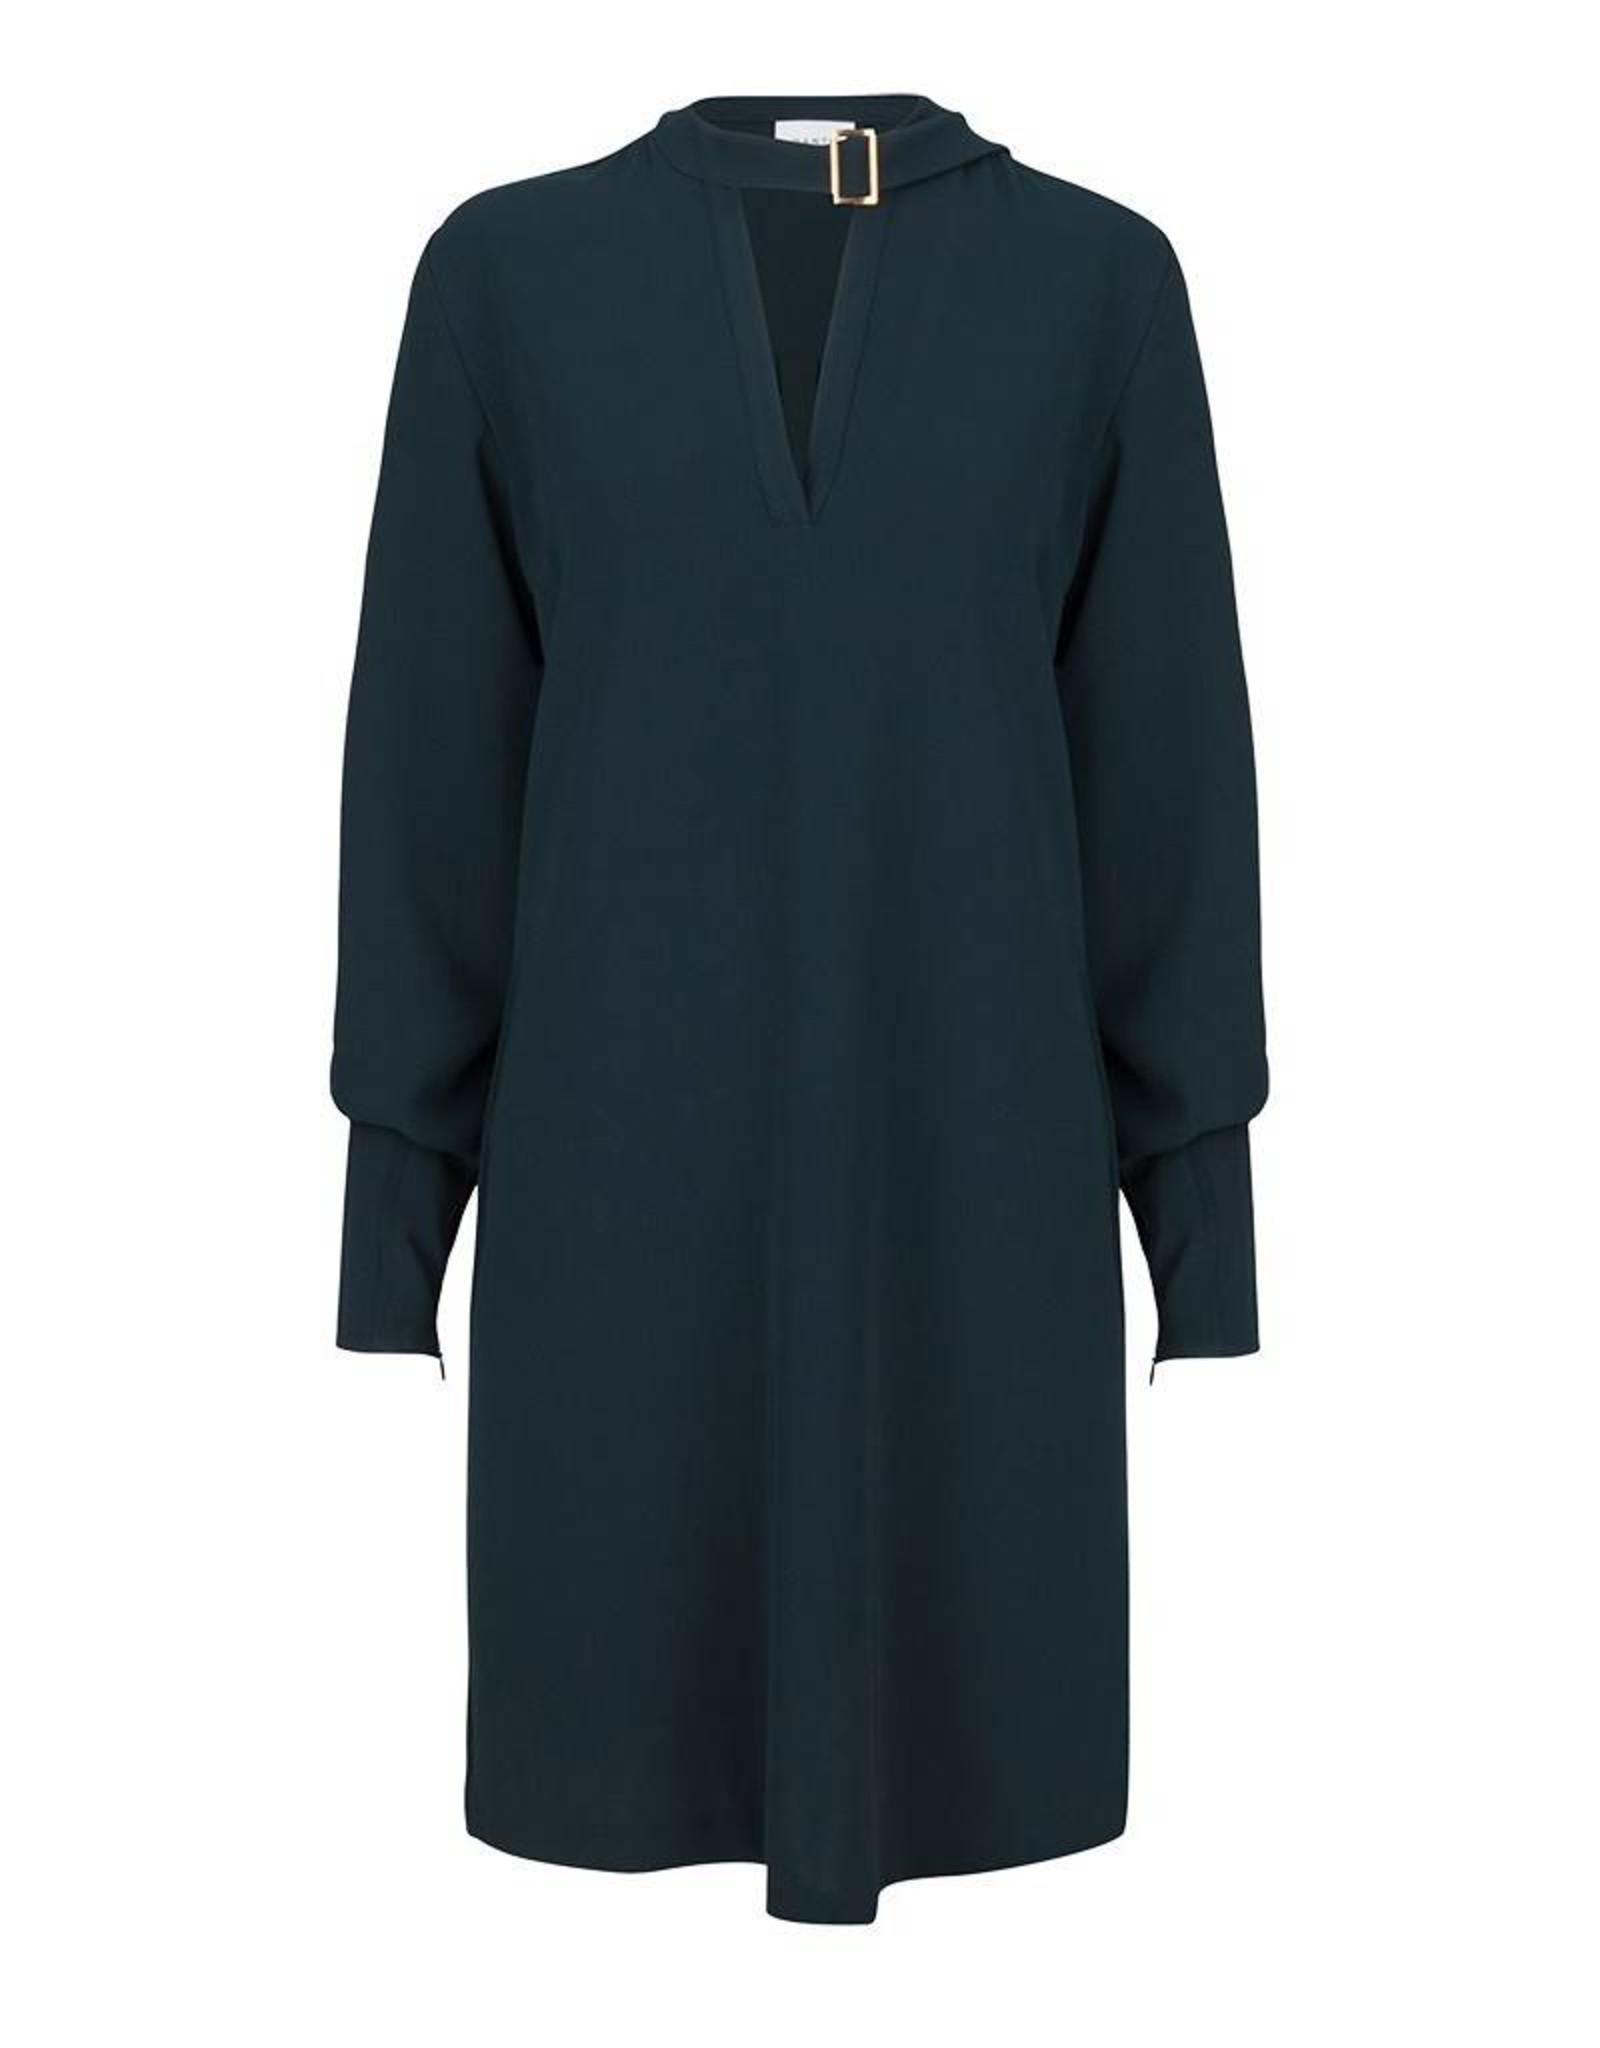 dante6 Kacey Dress